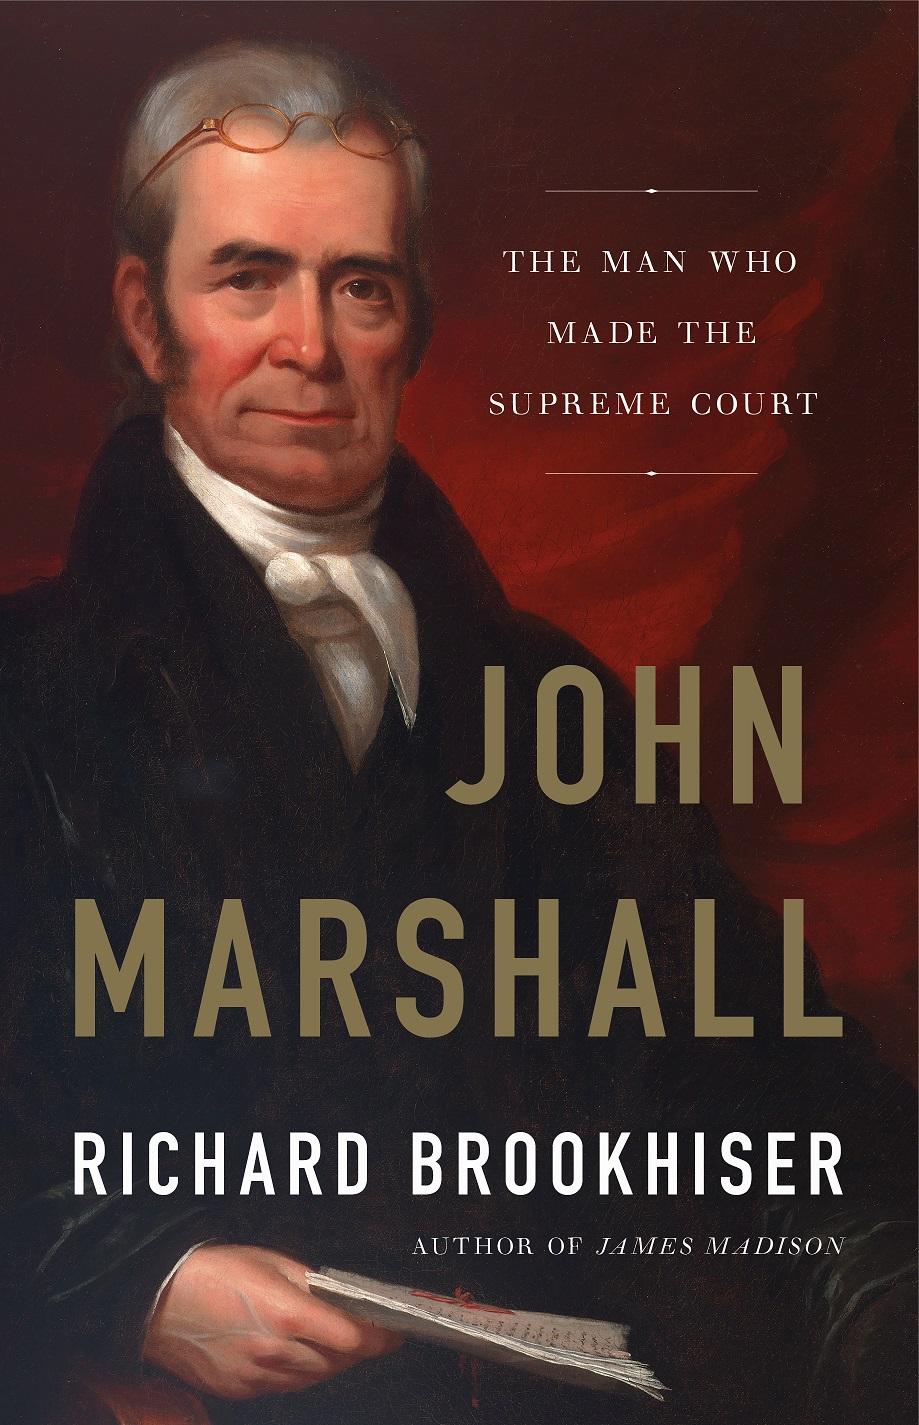 Biography of John Marshall